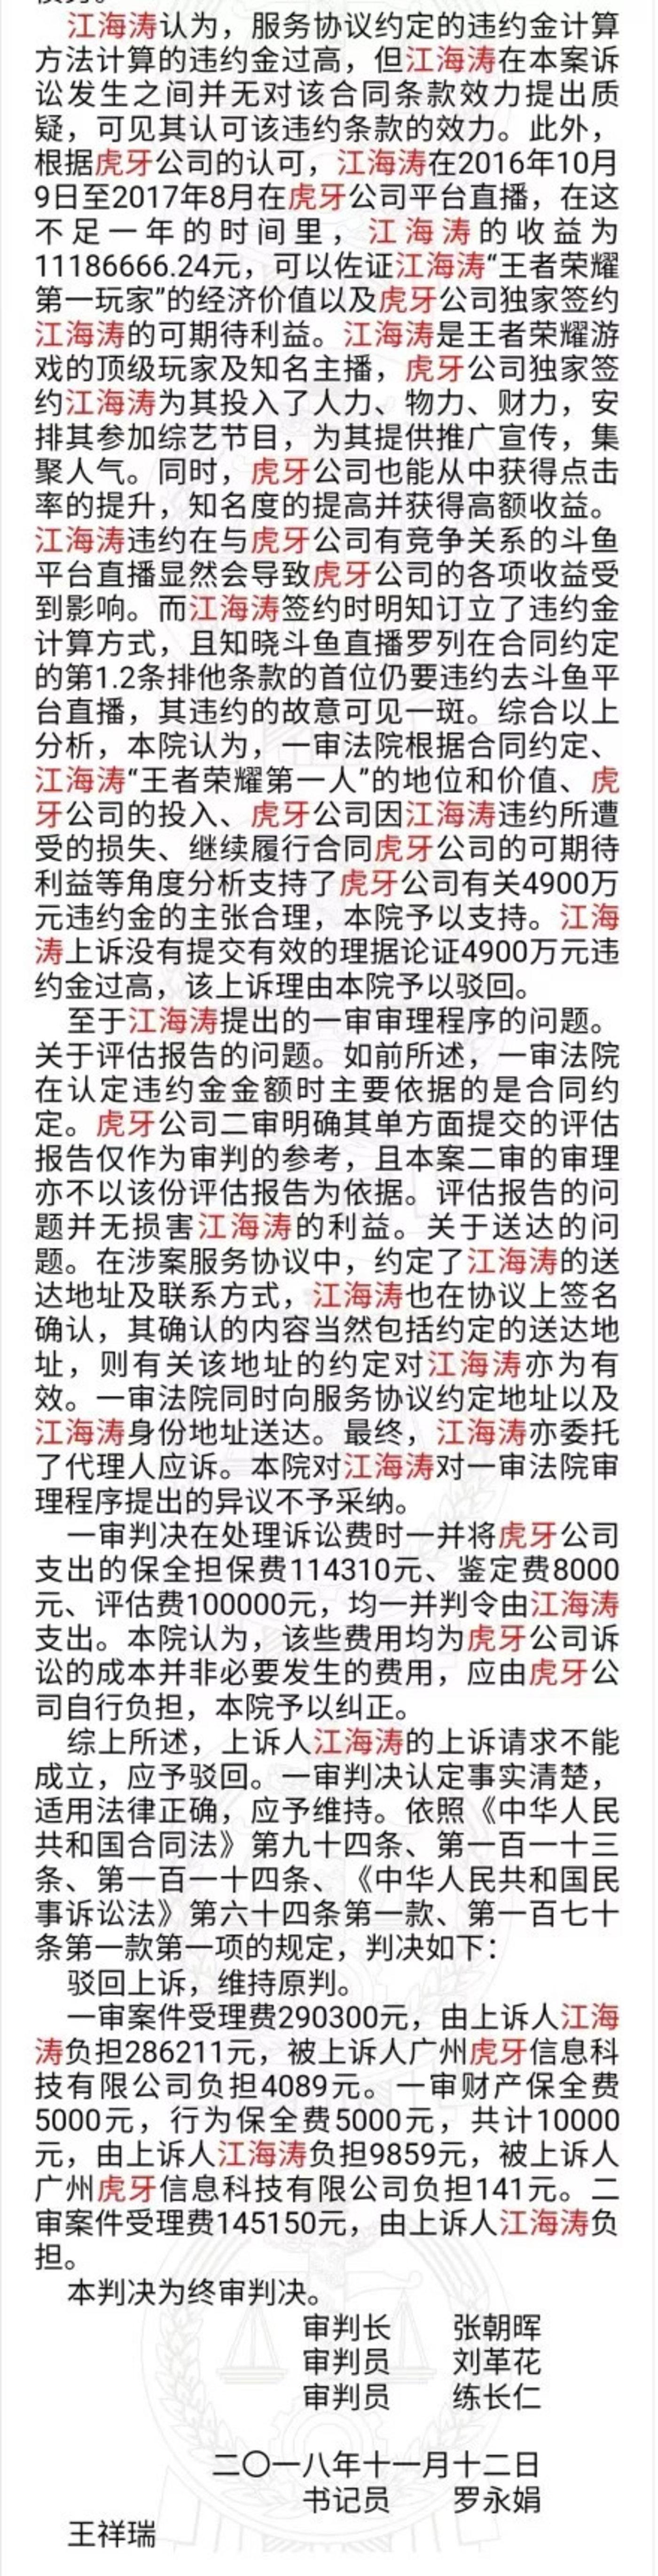 江海涛二审判决书 图片来源于网络